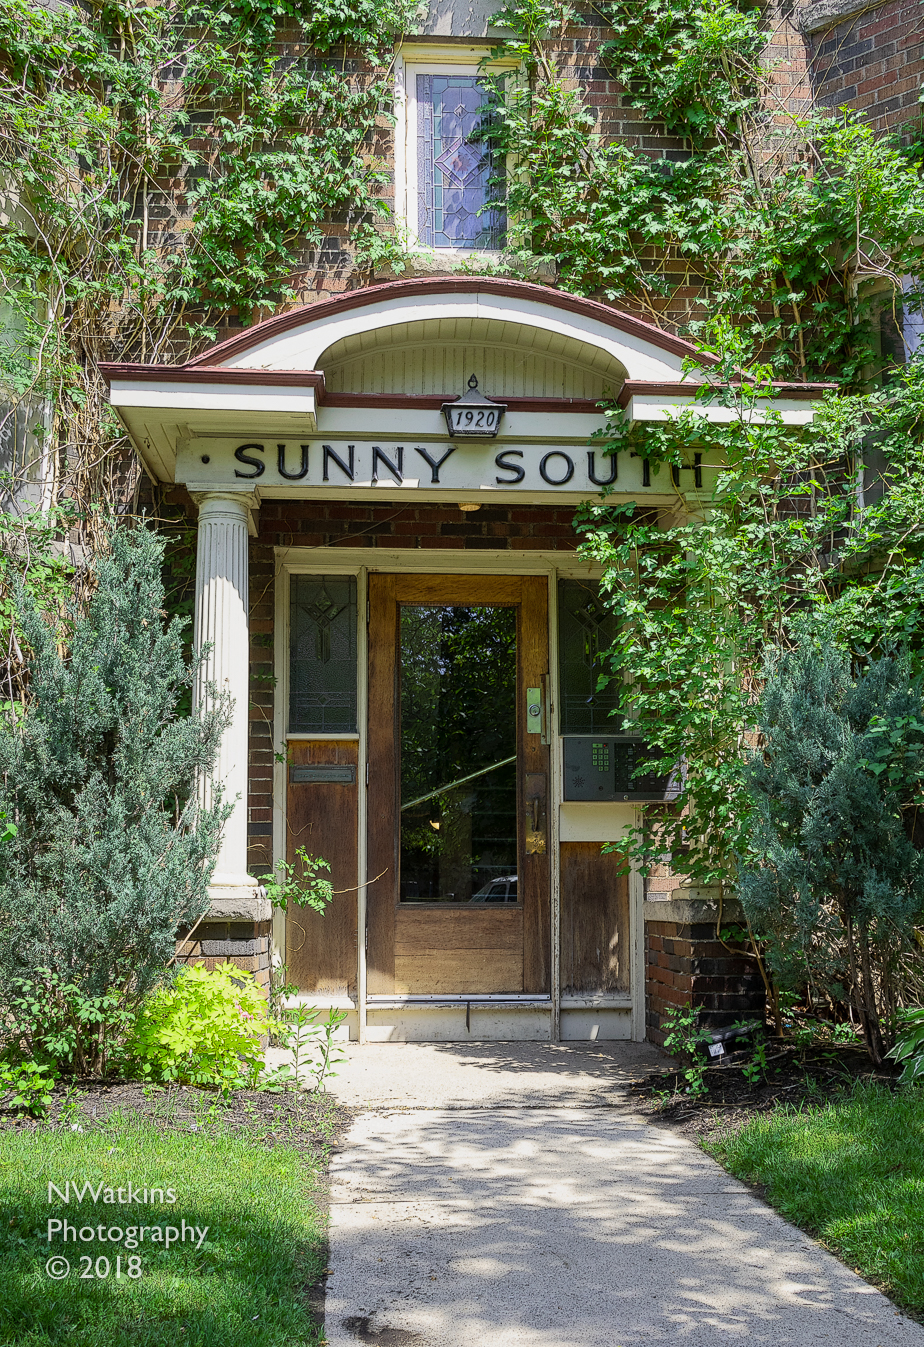 d23-sunny south